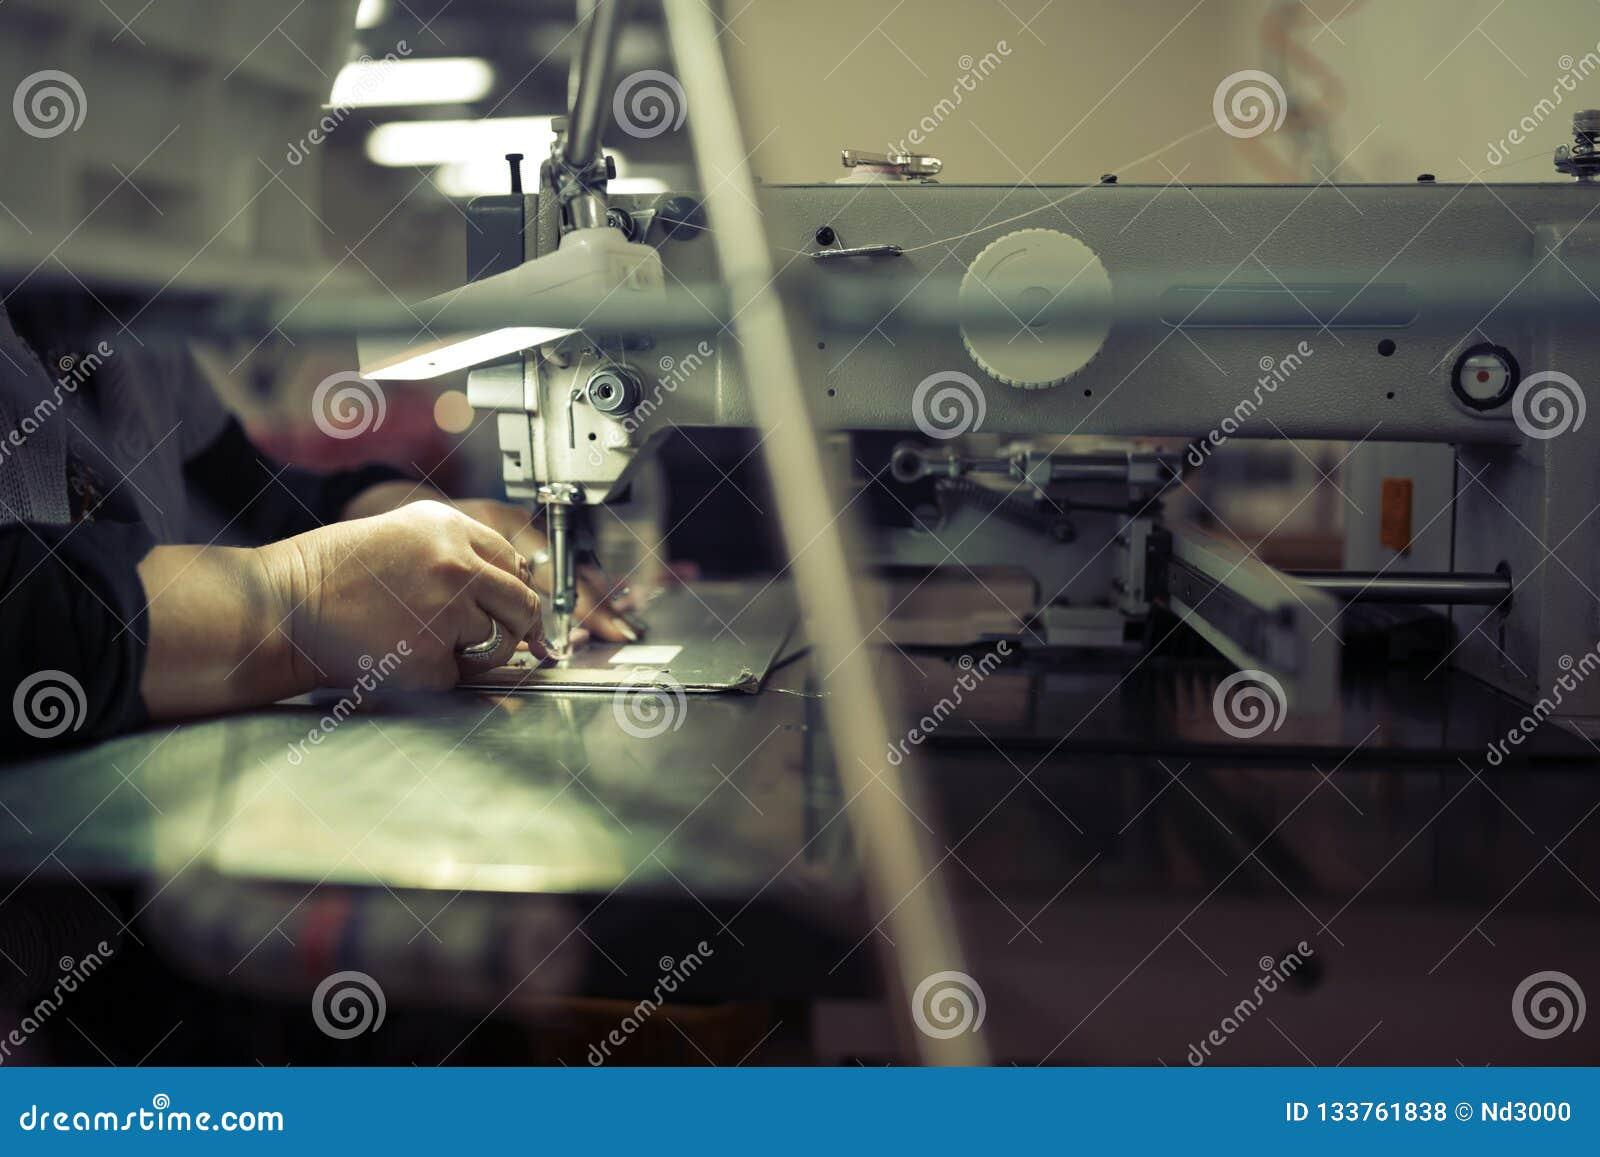 Εργαζόμενος στο ράψιμο βιομηχανίας κλωστοϋφαντουργίας